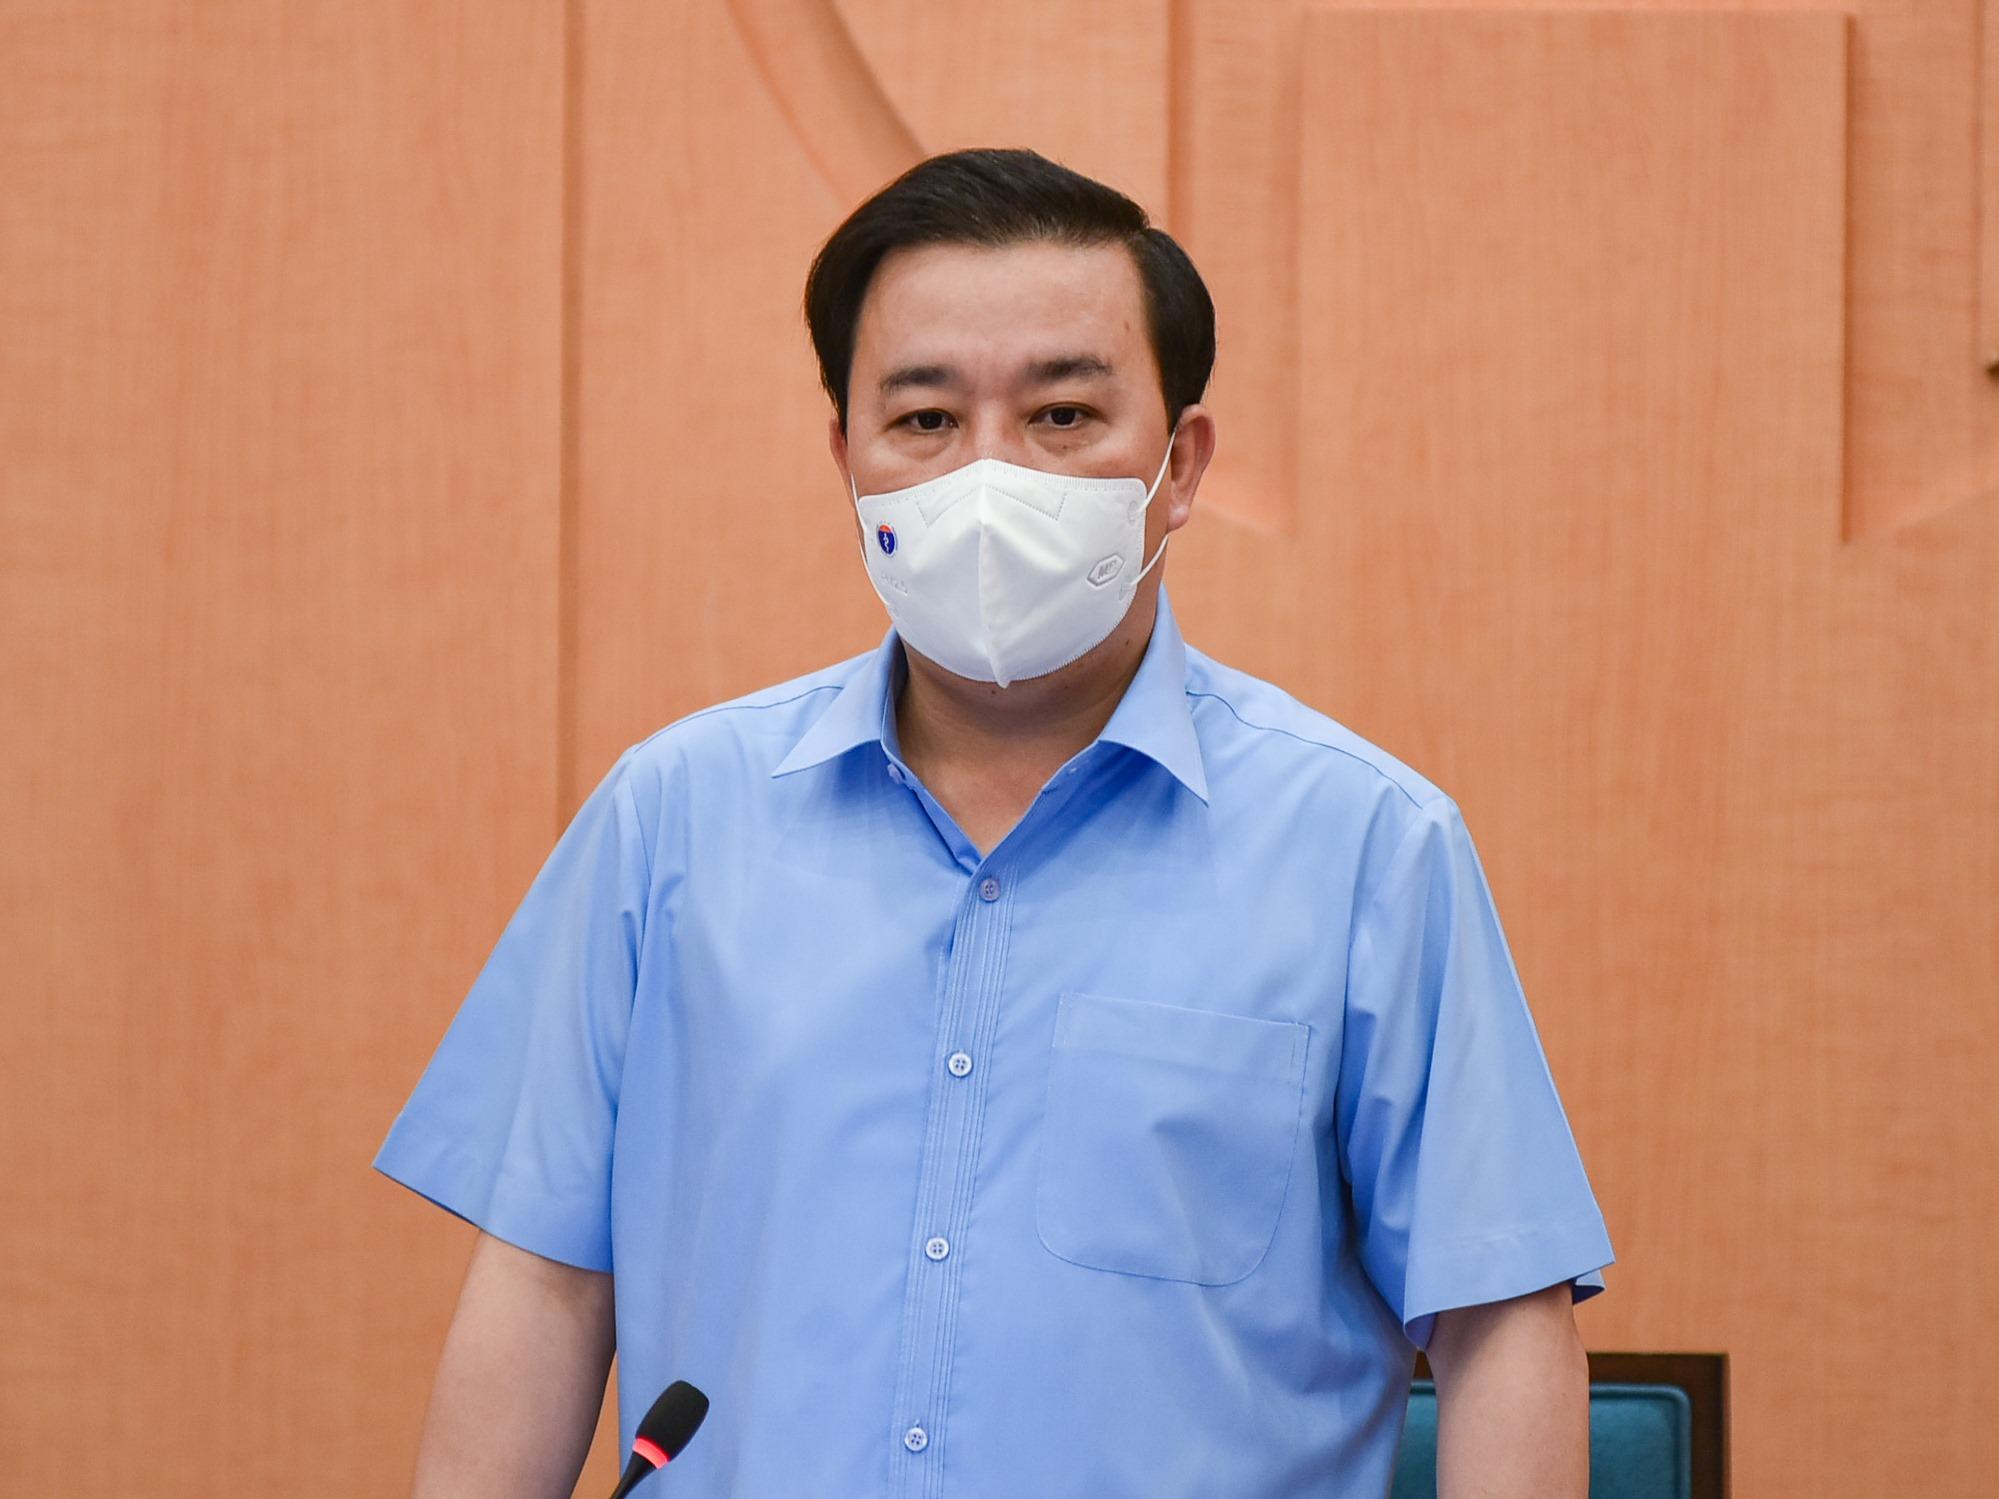 Phó Chủ tịch UBND TP.Hà Nội Chử Xuân Dũng phát biểu tại cuộc họp của Ban Chỉ đạo phòng, chống dịch bệnh Covid-19 của Hà Nội, chiều 24/5.